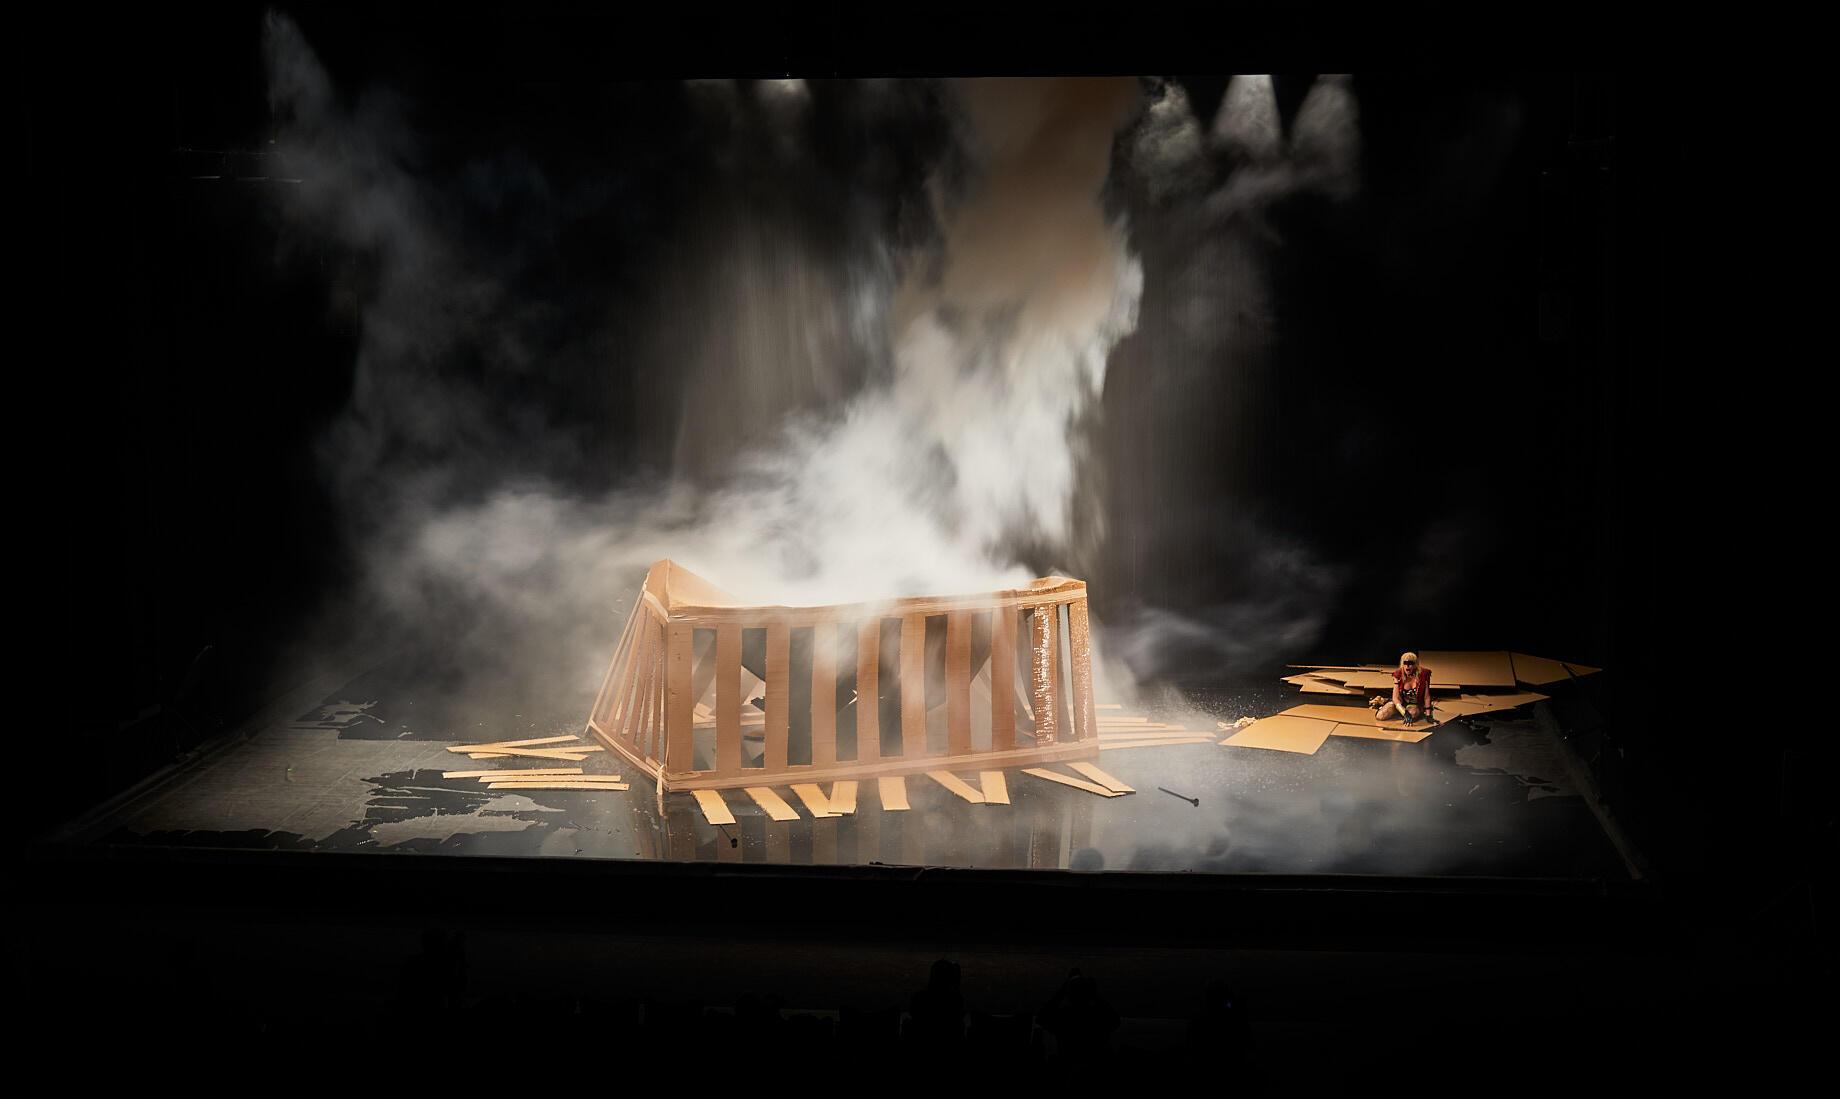 « La trilogie des contes immoraux (pour Europe) », de Phia Ménard, au Festival d'Avignon 2021.